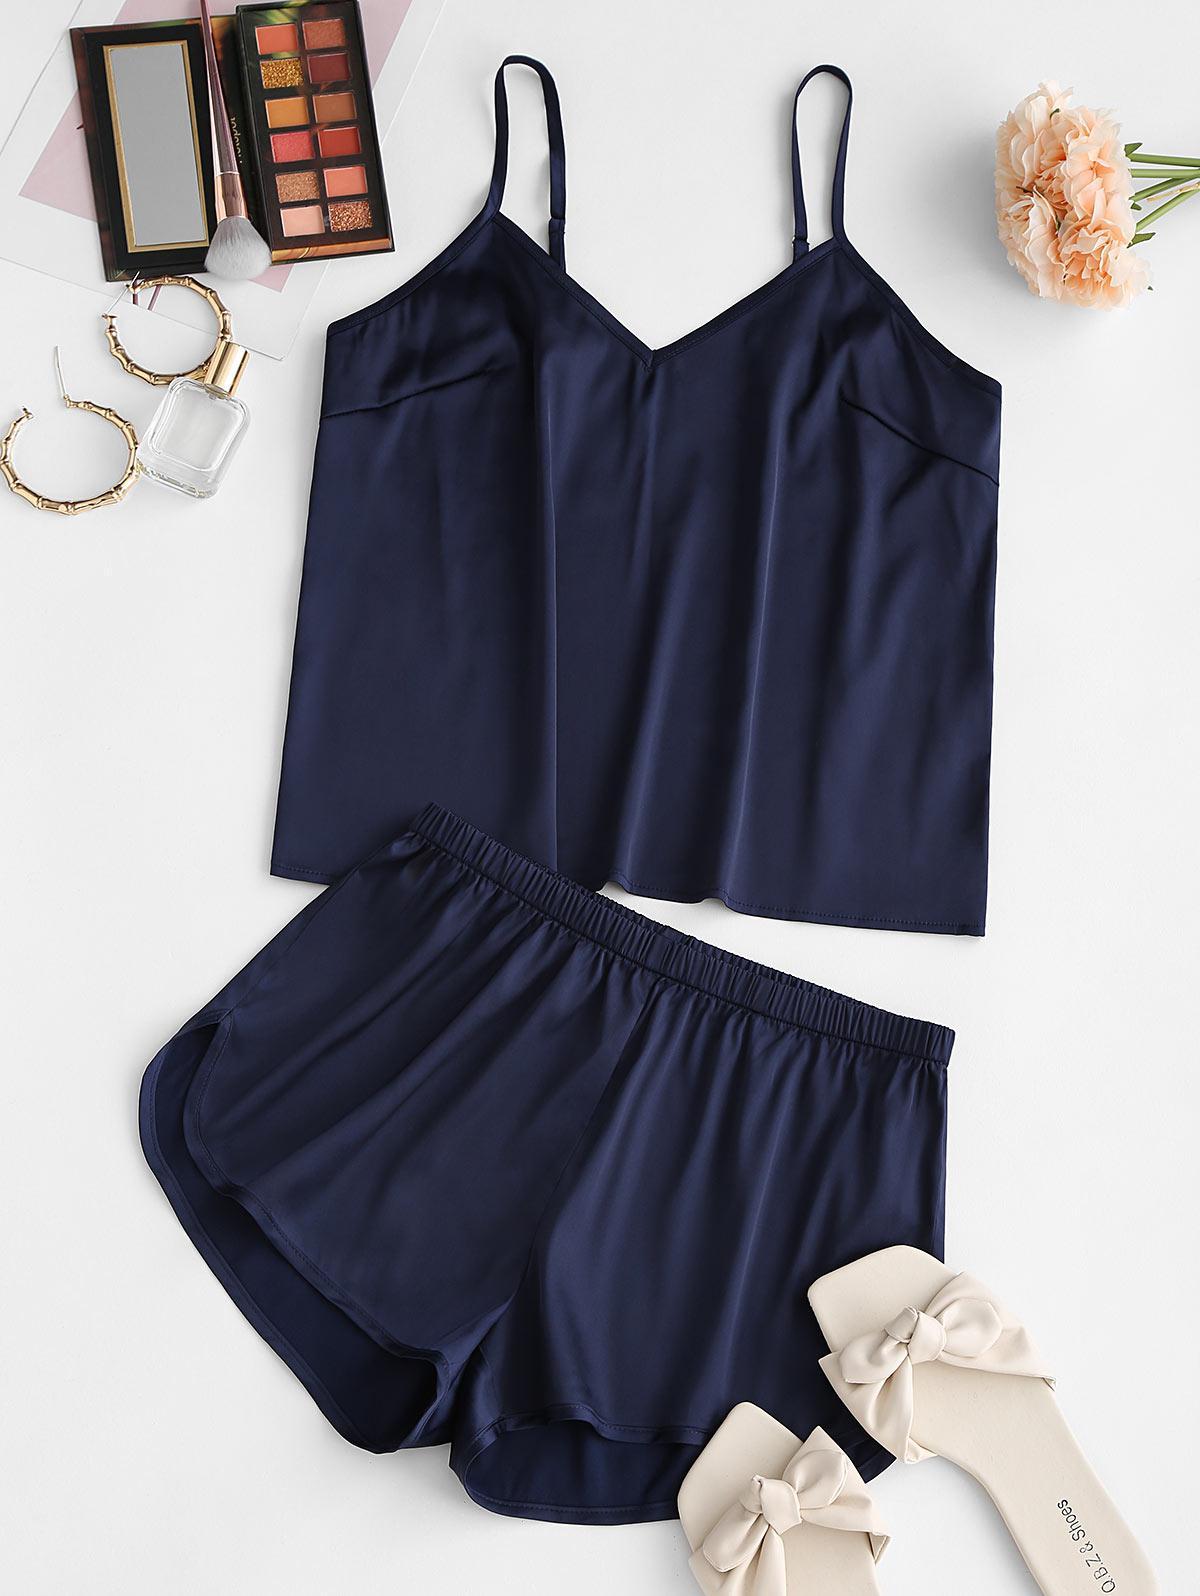 zaful Top and Shorts Set